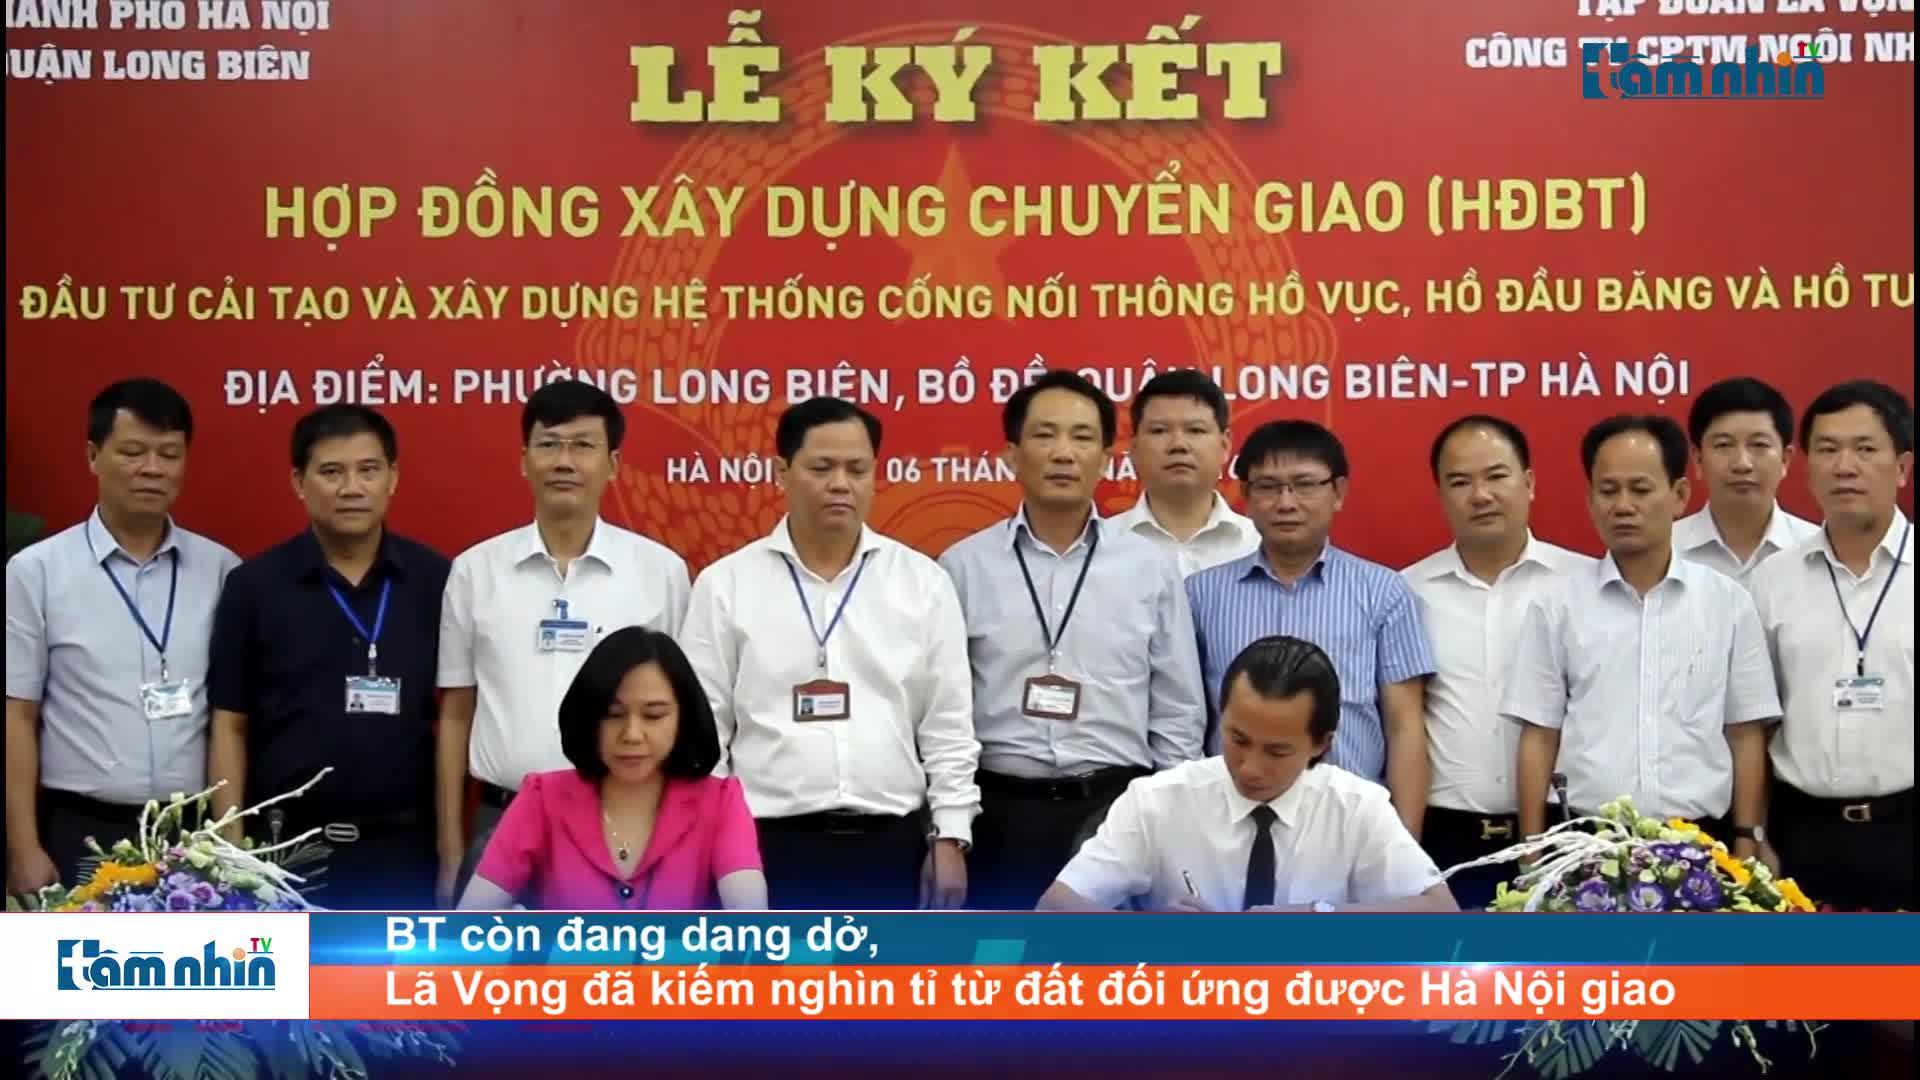 BT còn đang dang dở, Lã Vọng đã kiếm nghìn tỉ từ đất đối ứng được Hà Nội giao